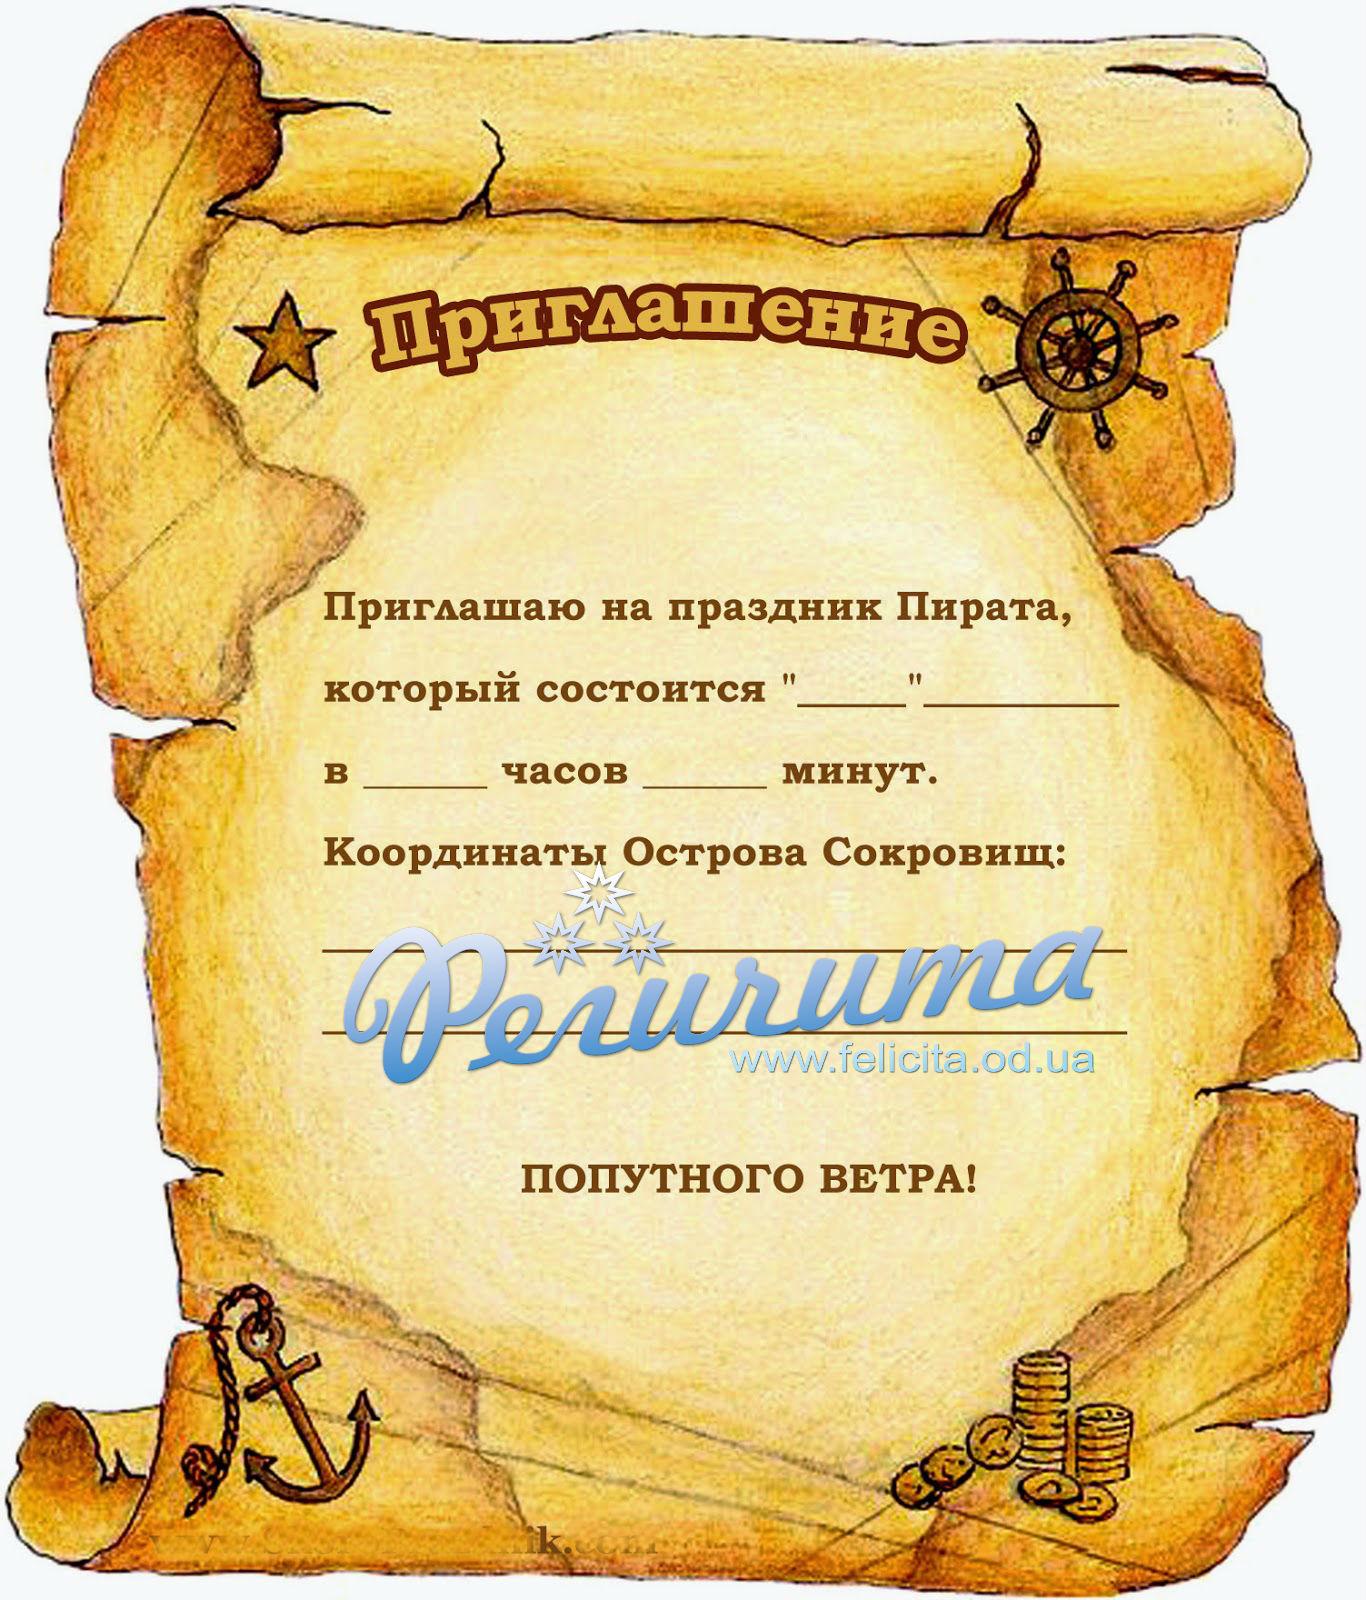 Приглашения для пиратской вечеринки своими руками